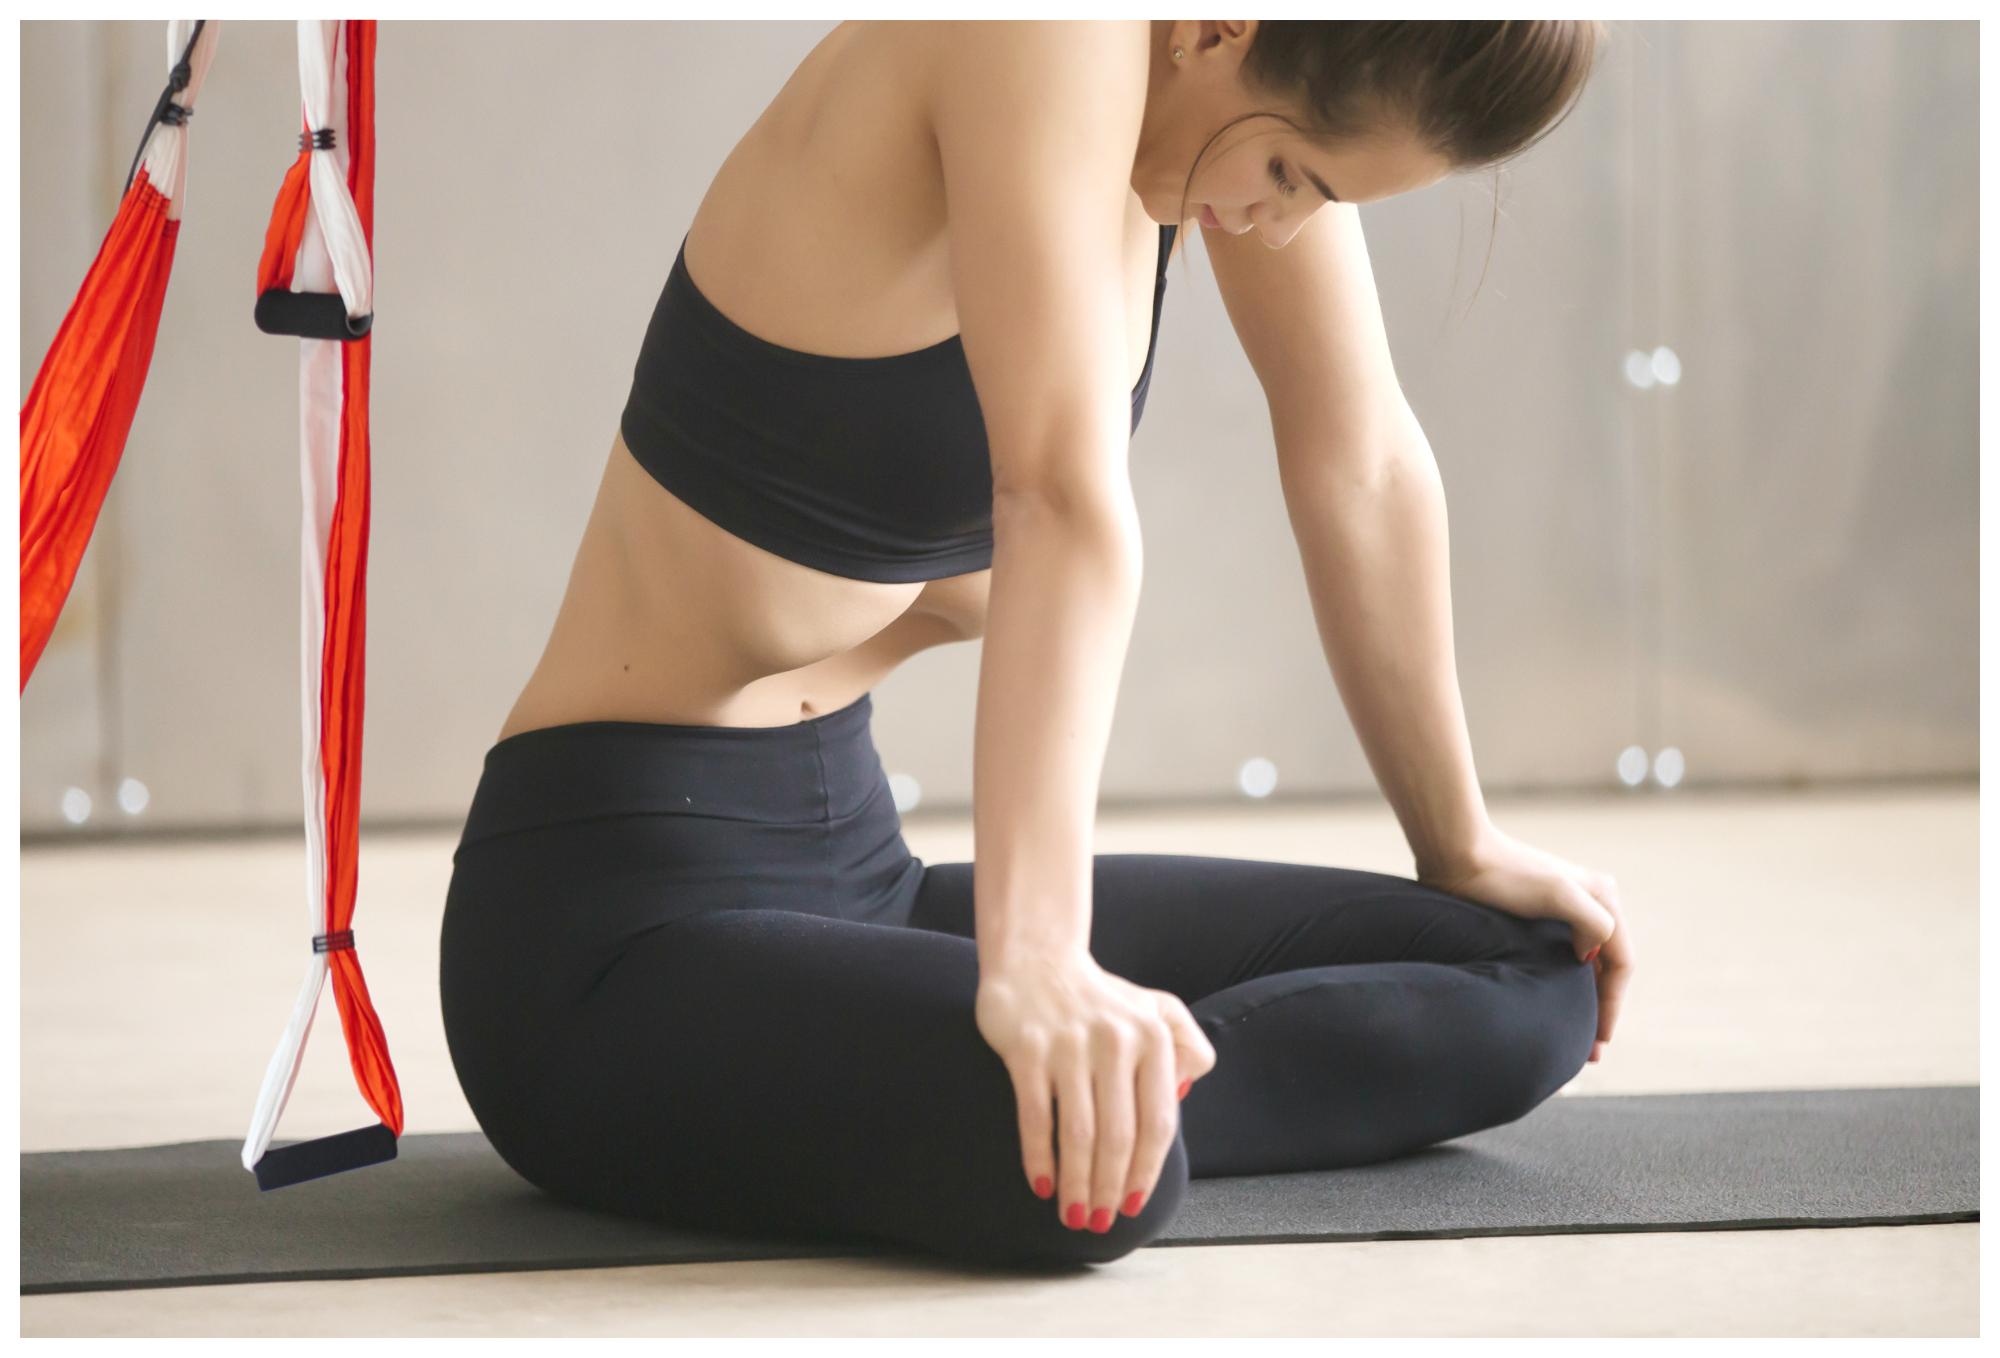 Йога Для Похудения Техники. 24 эффективных асаны для похудения в домашних условиях